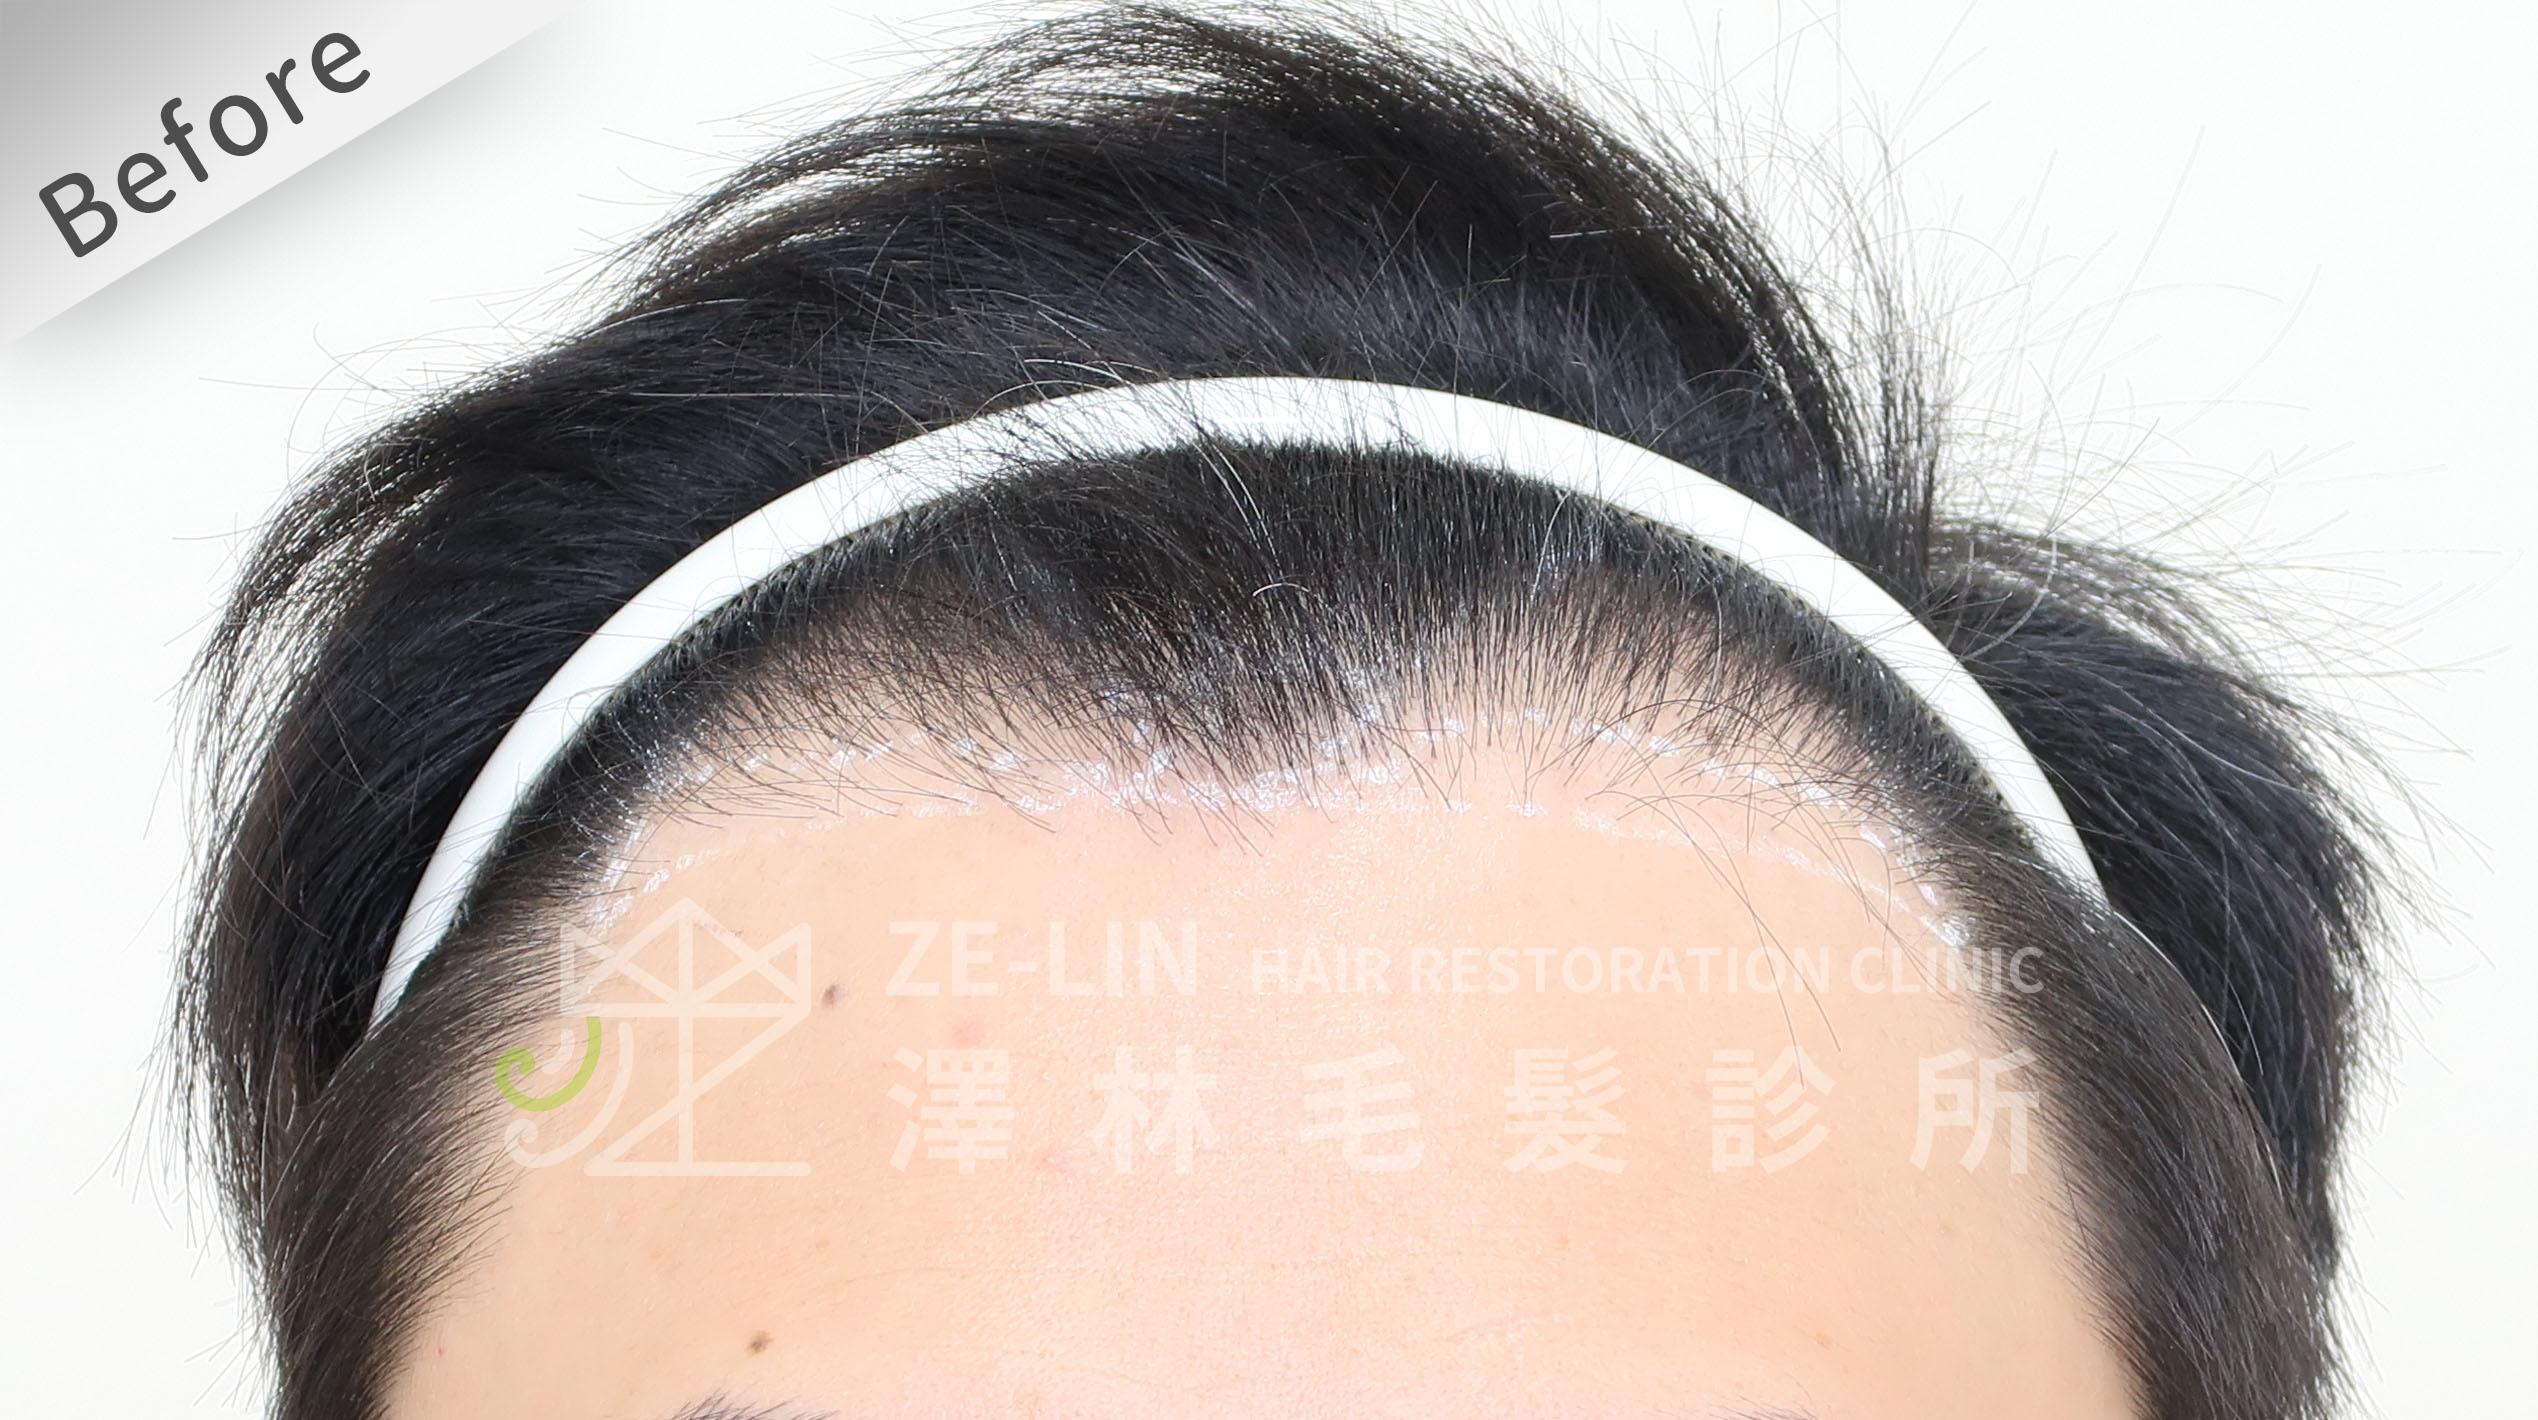 植髮失敗(二次植髮)男生M型禿植髮FUE高密度植髮心得推薦-植髮專家澤林毛髮診所謝宗廷醫師-雄性禿治療(新髮靈)-術前8-1